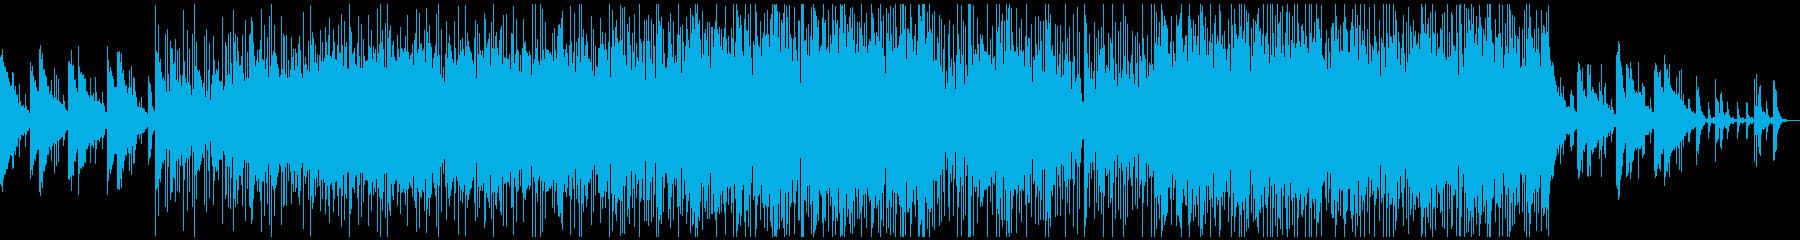 Lo-Fiビート夜チル&リラックスR&Bの再生済みの波形